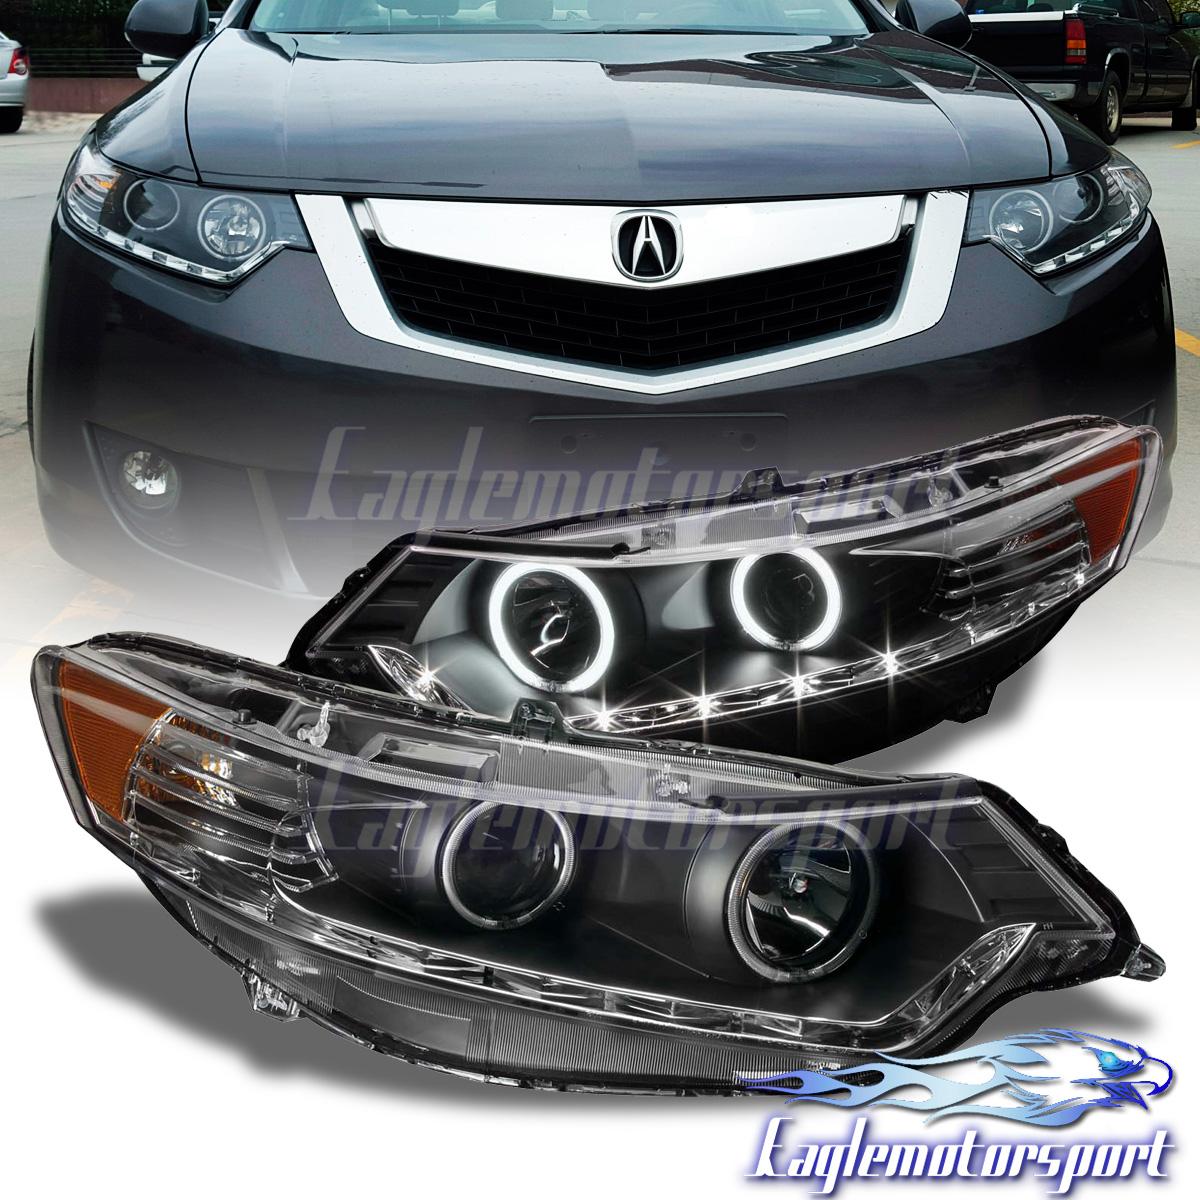 [CCFL Halo+LED DRL] 2009-2014 Acura TSX Black LED